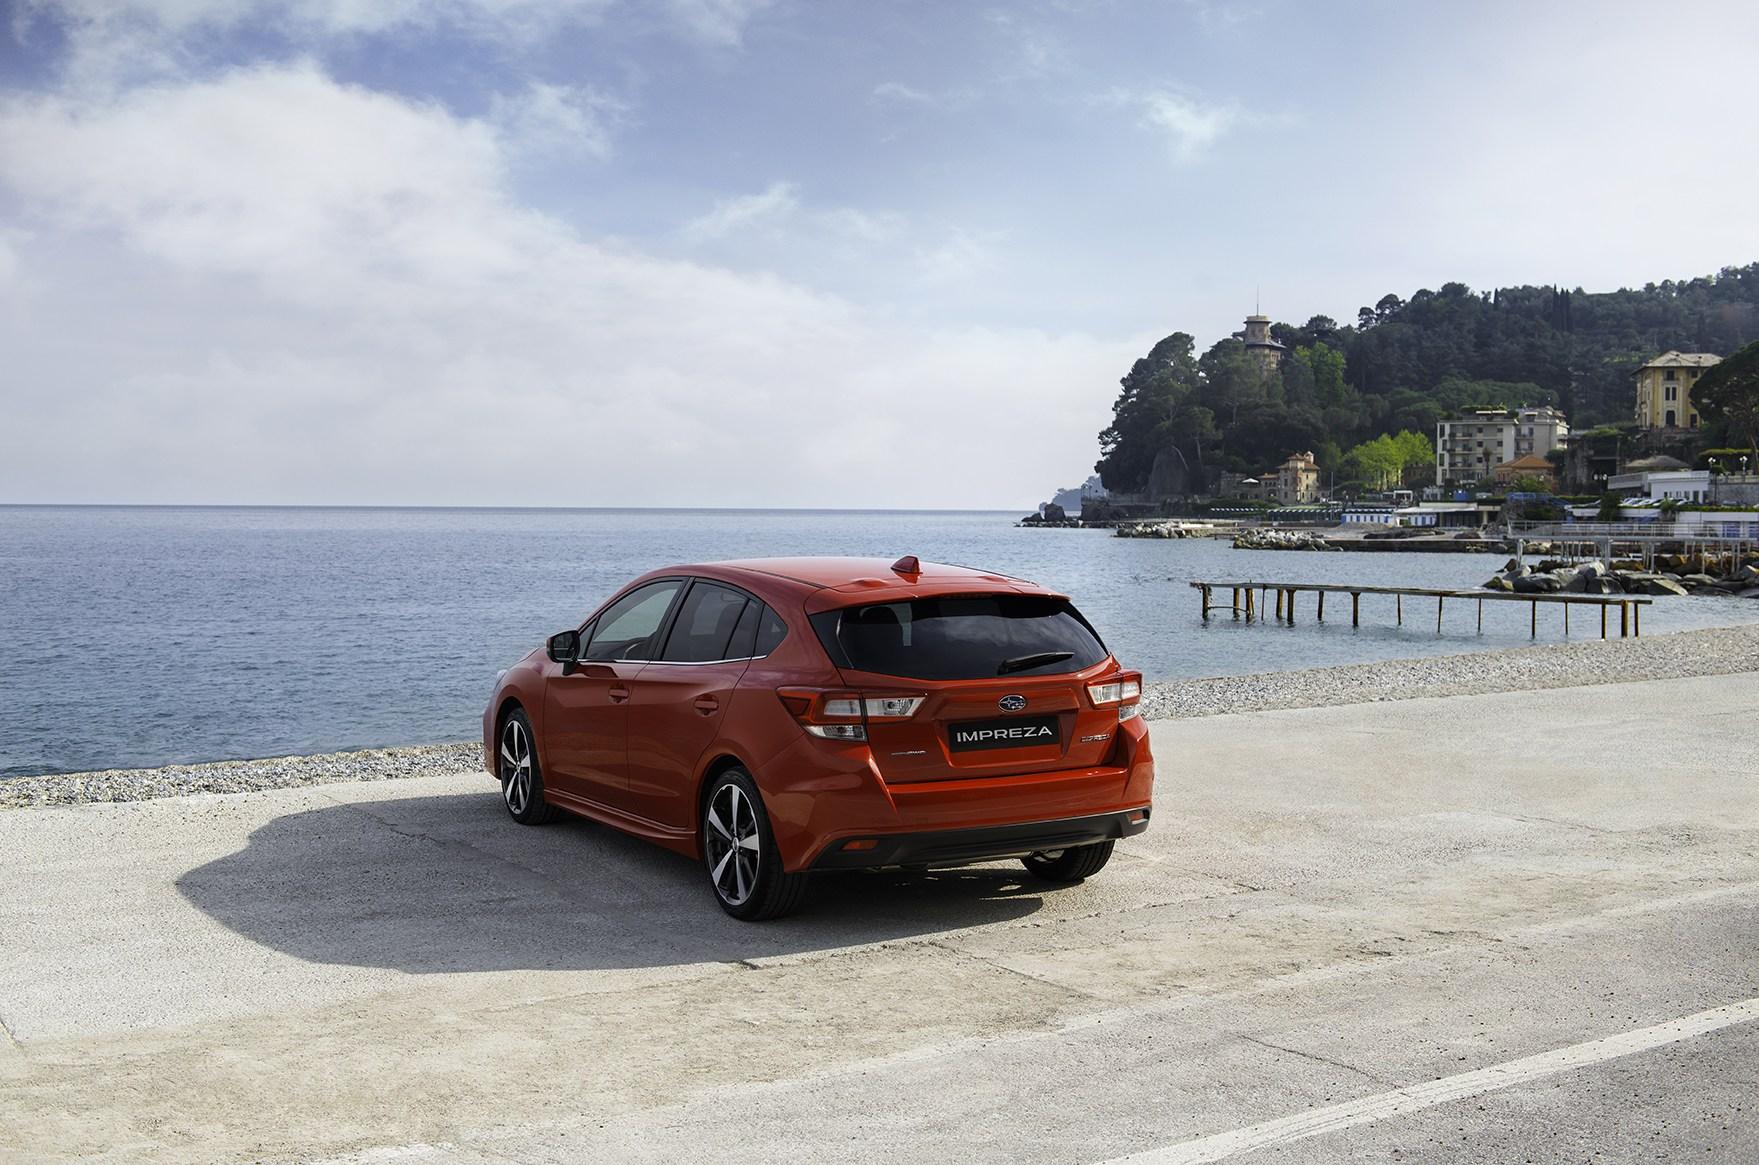 Τρία βραβεία «Καλύτερης Αξίας Μεταπώλησης» για την Subaru από τον Edmunds